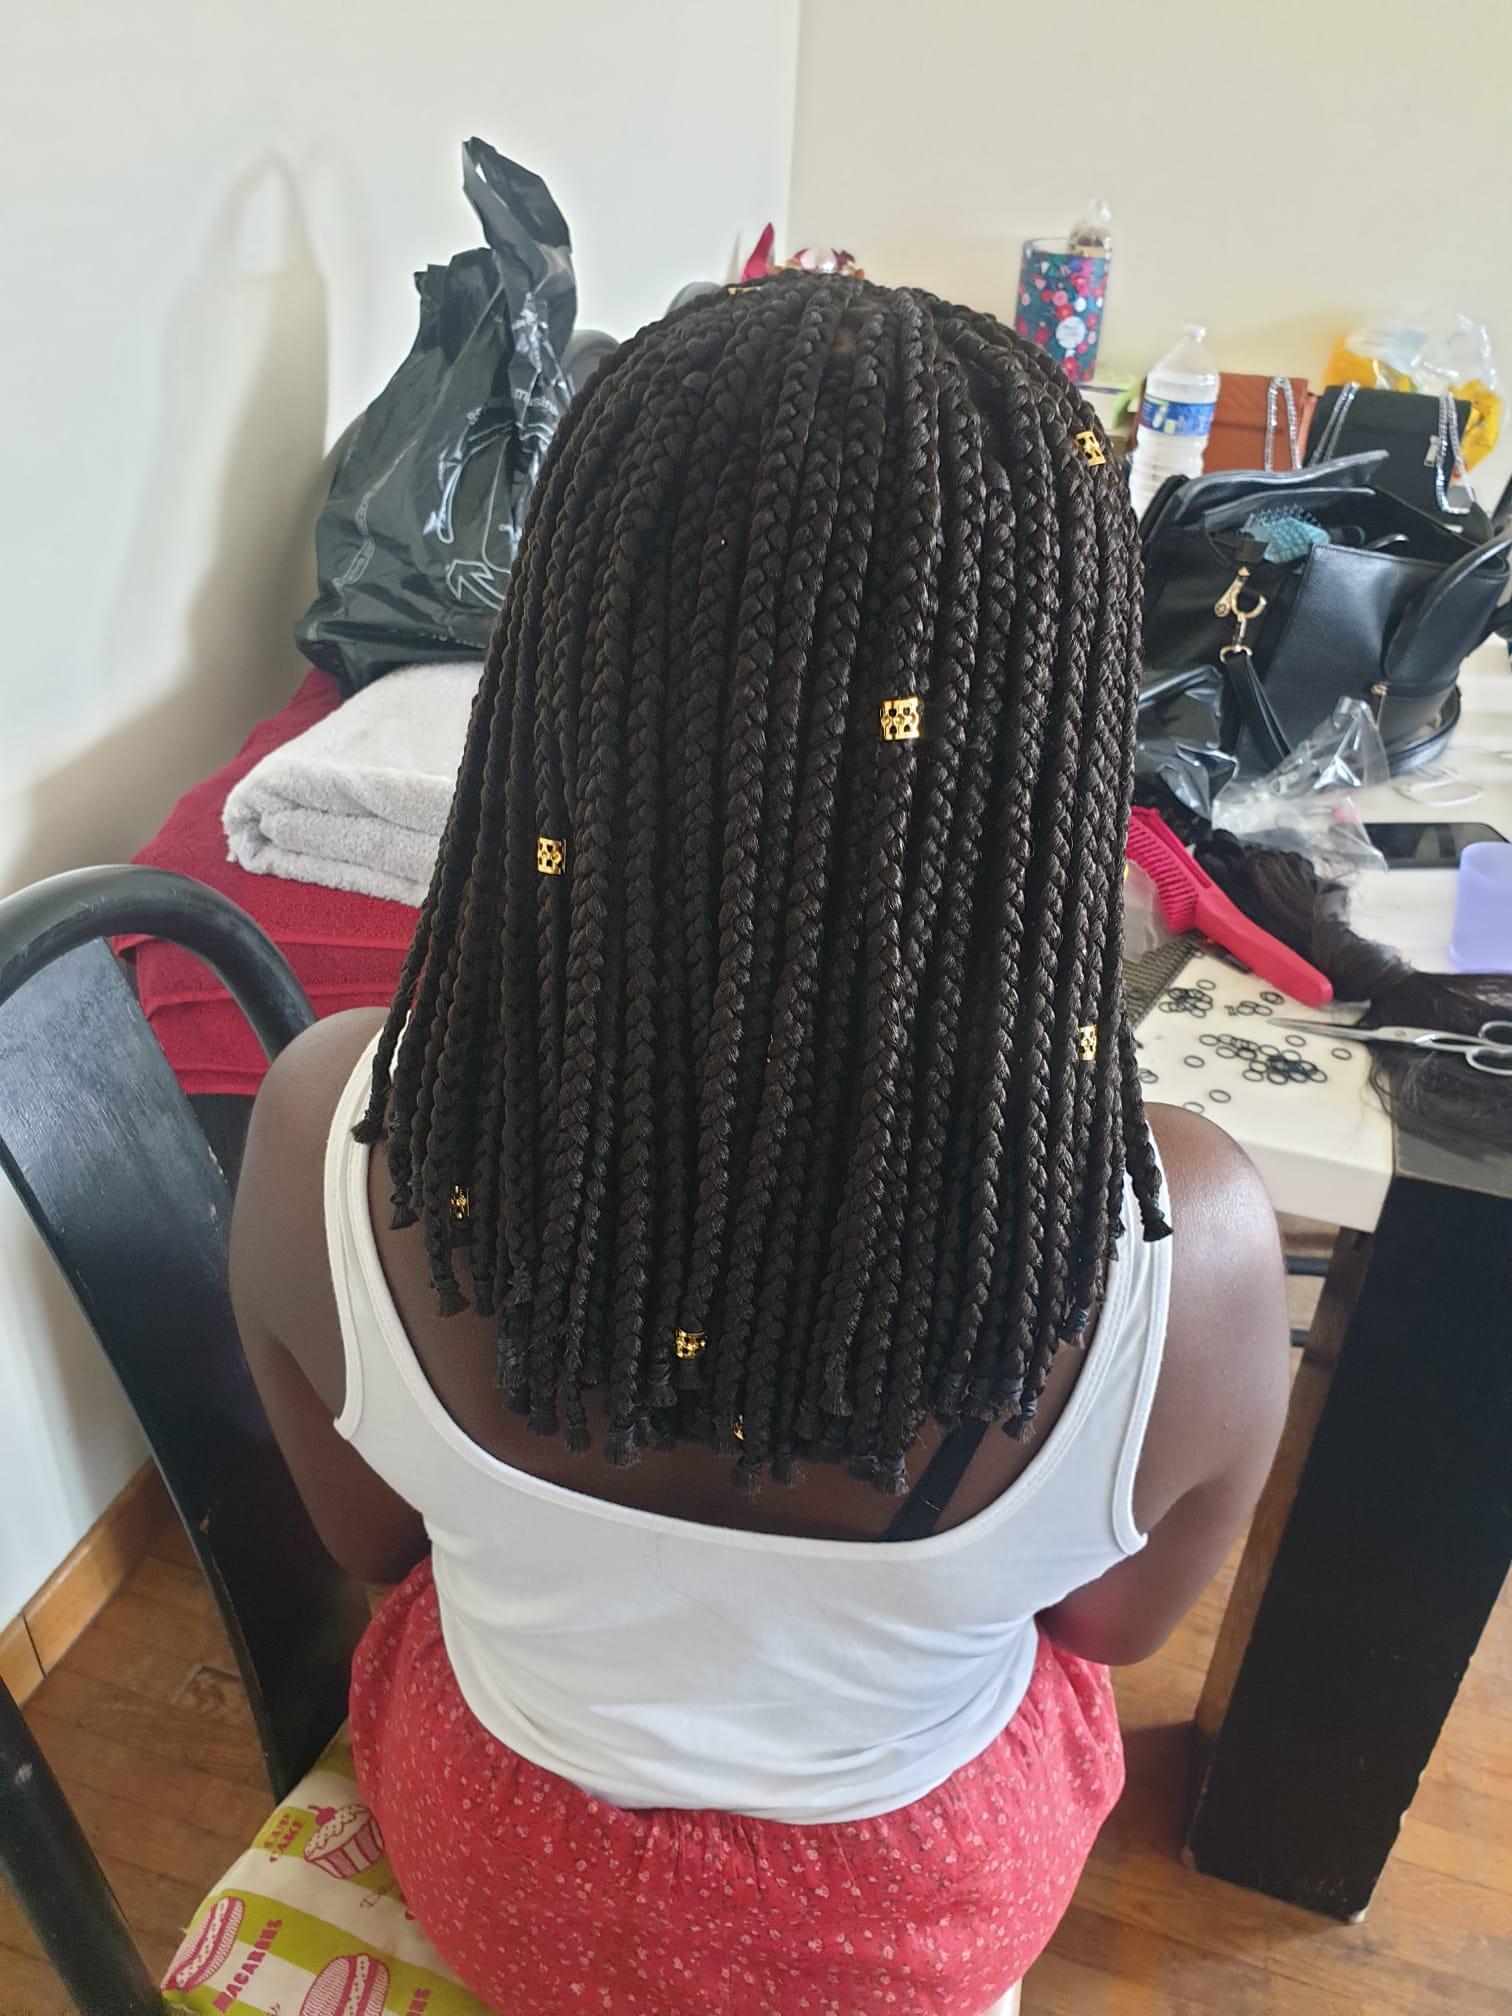 salon de coiffure afro tresse tresses box braids crochet braids vanilles tissages paris 75 77 78 91 92 93 94 95 ONGKRSGR